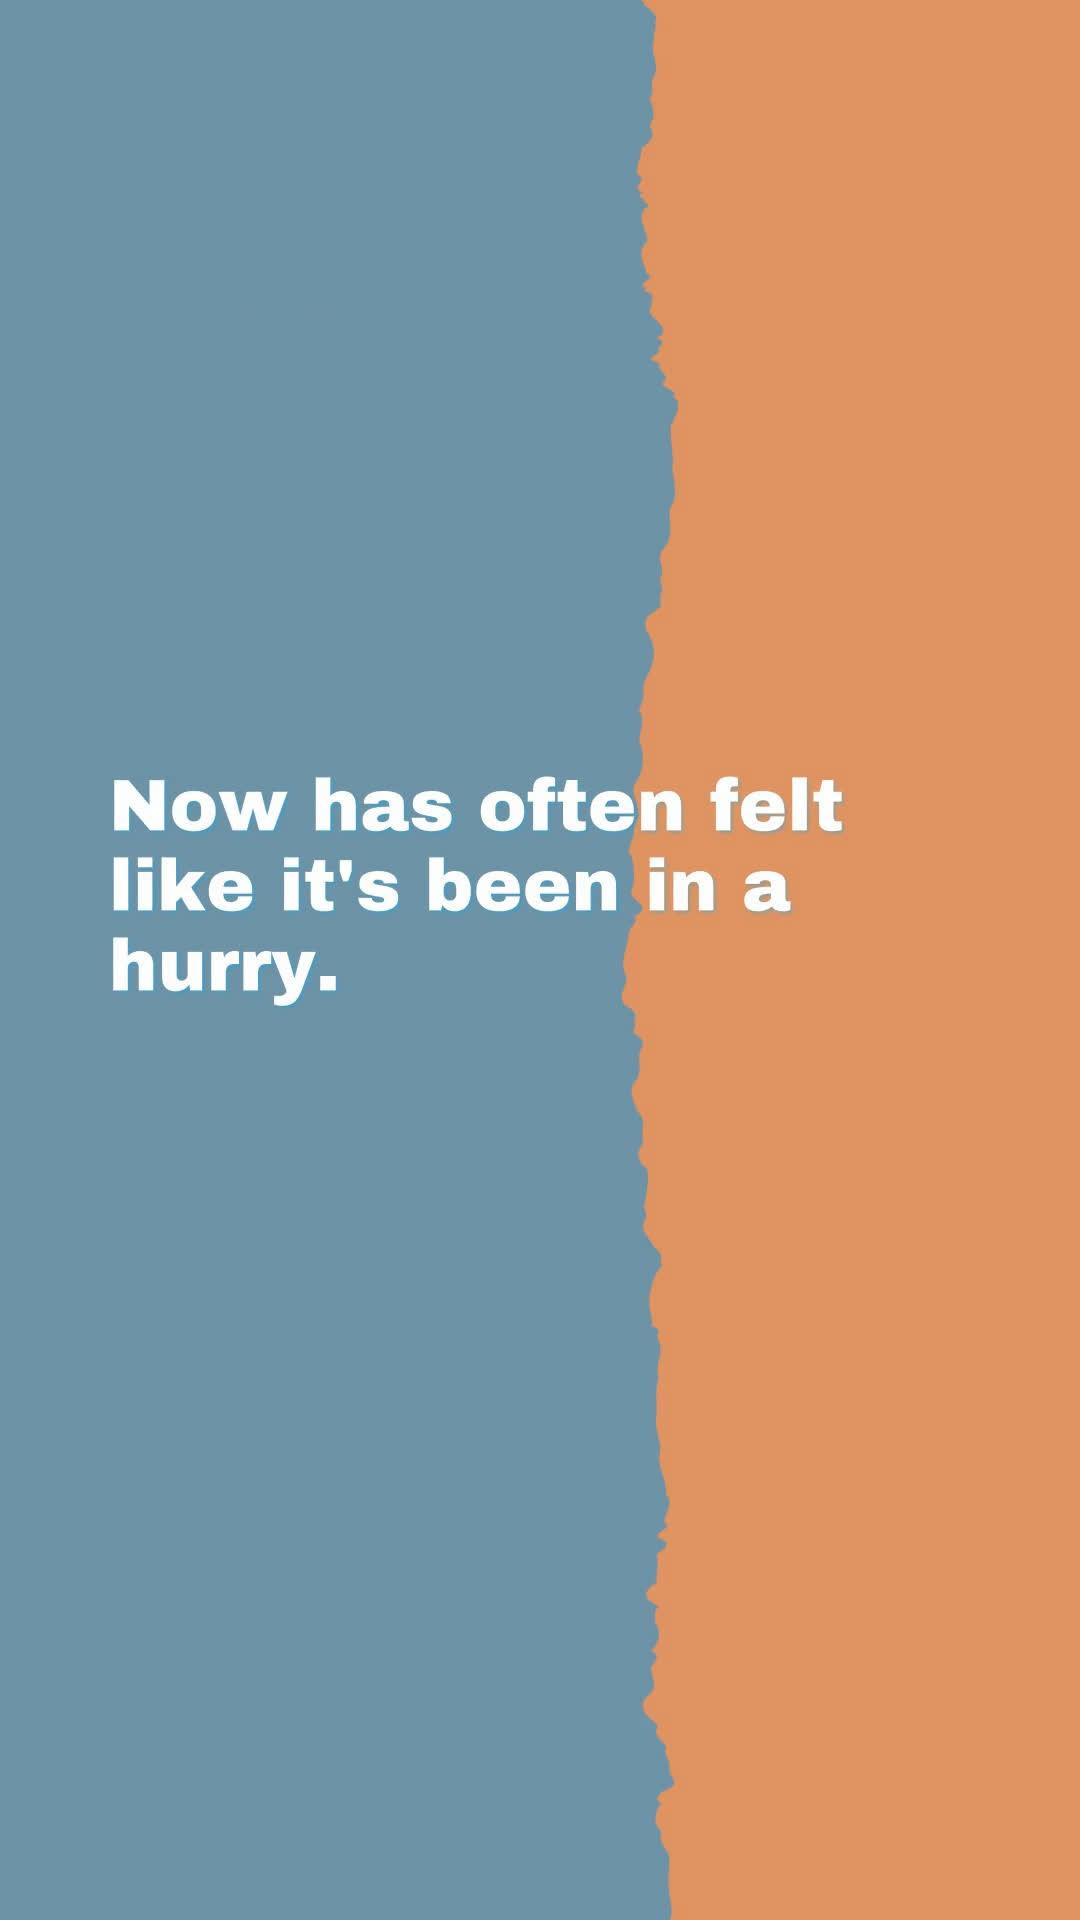 Now has often felt like it's been in a hurry.